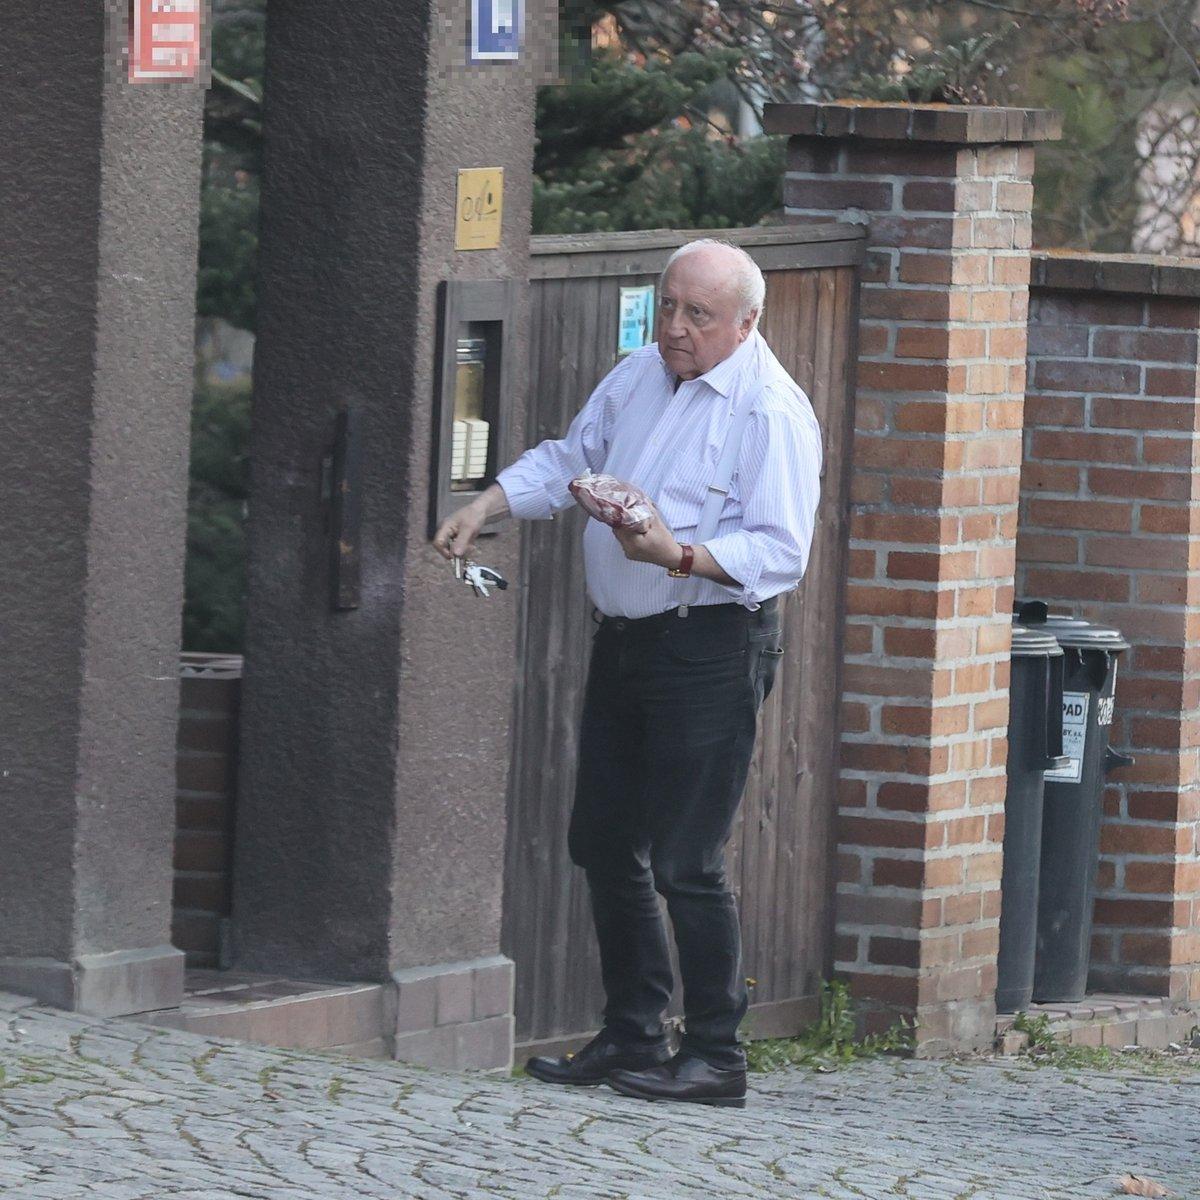 Oslava 65. narozeniny Dády Patrasové: Felix přivezl jako dárek kus masa a pak odjel za milenkou